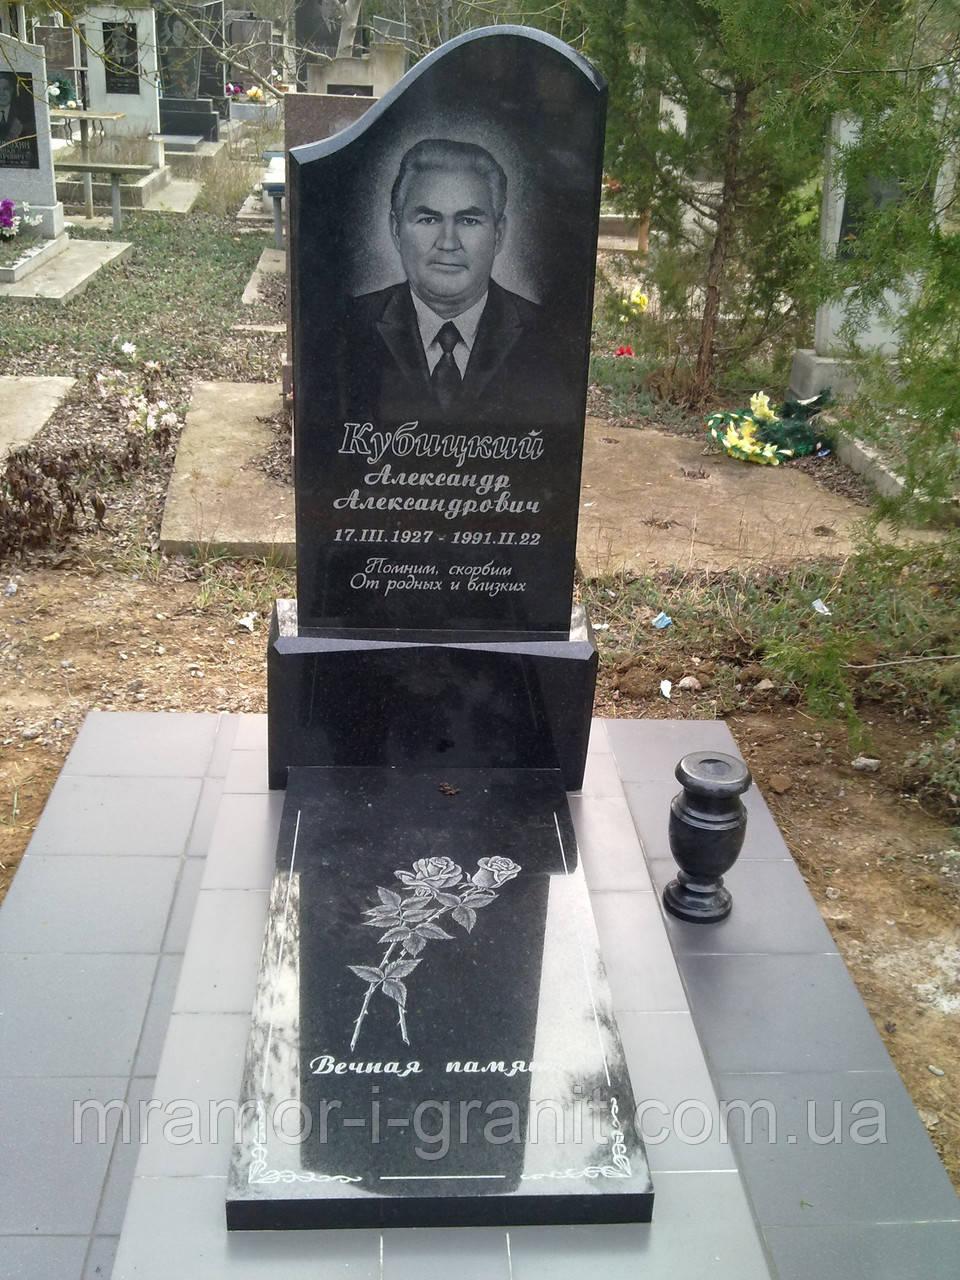 Изготовление памятников тюмень фотогалерея цены на памятники в смоленске р